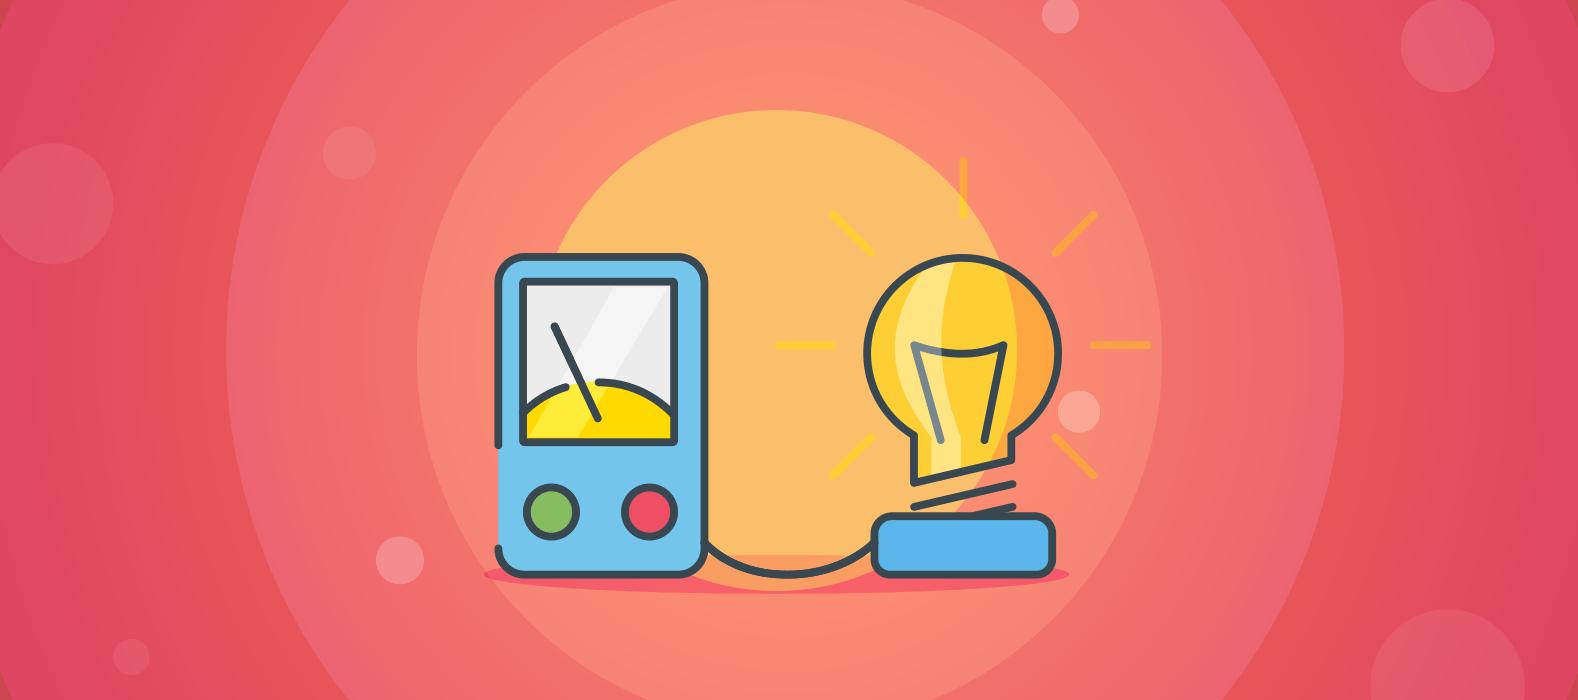 Come si misura l'innovazione?